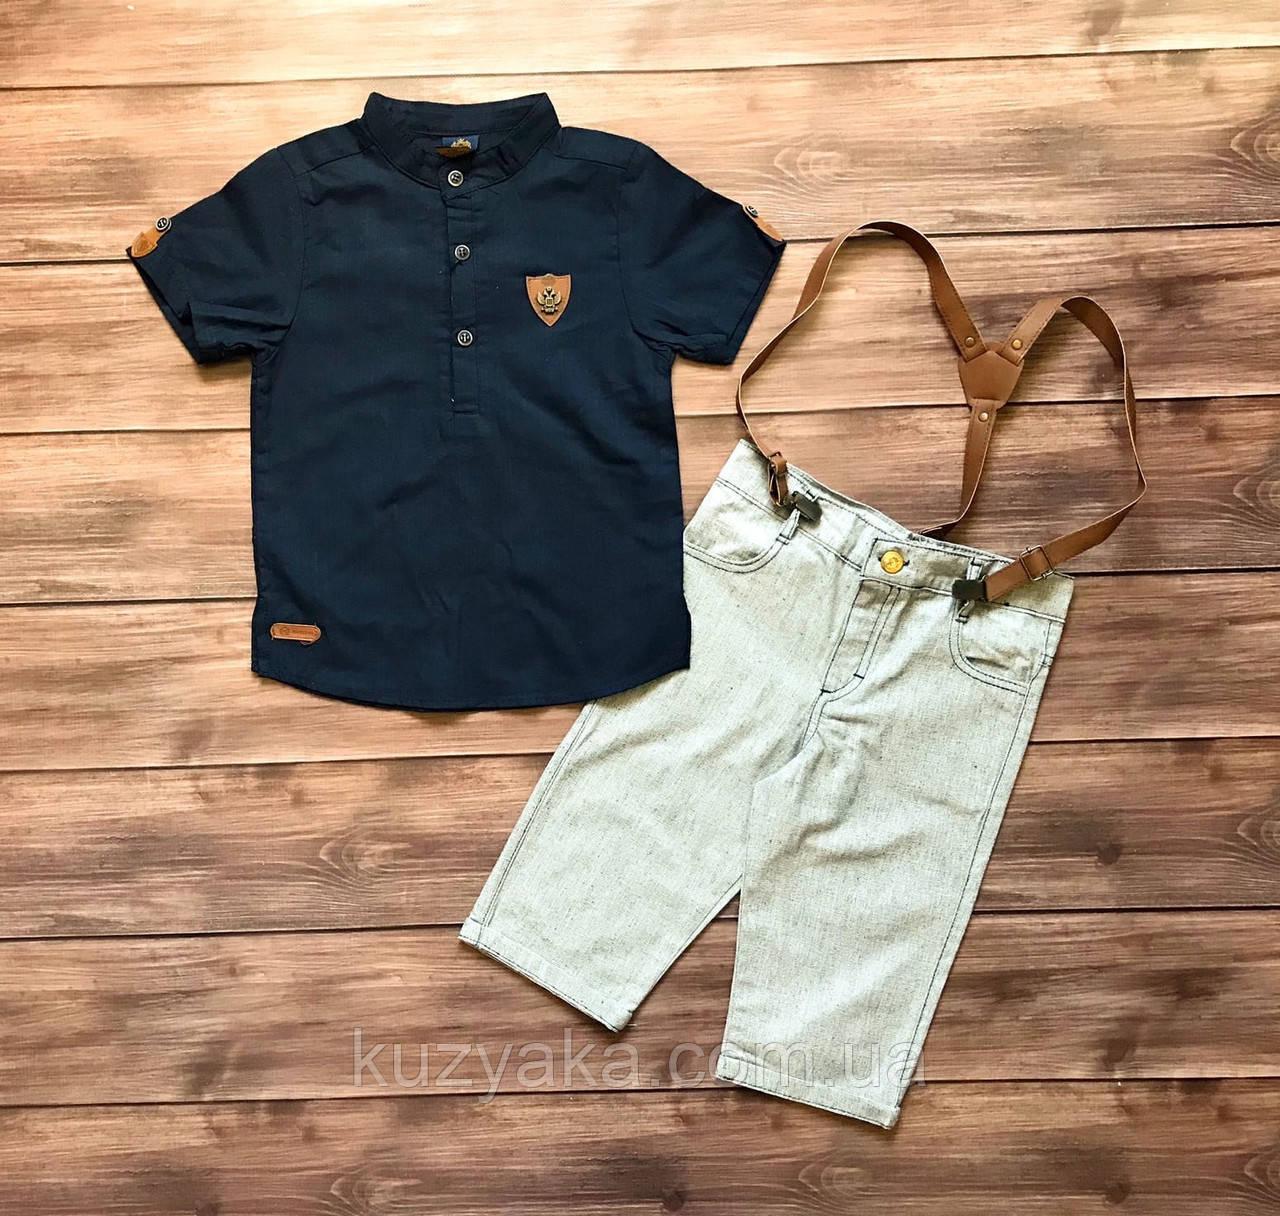 Святковий літній костюм: сорочка, шорти, підтяжки для хлопчика на 6-8 років